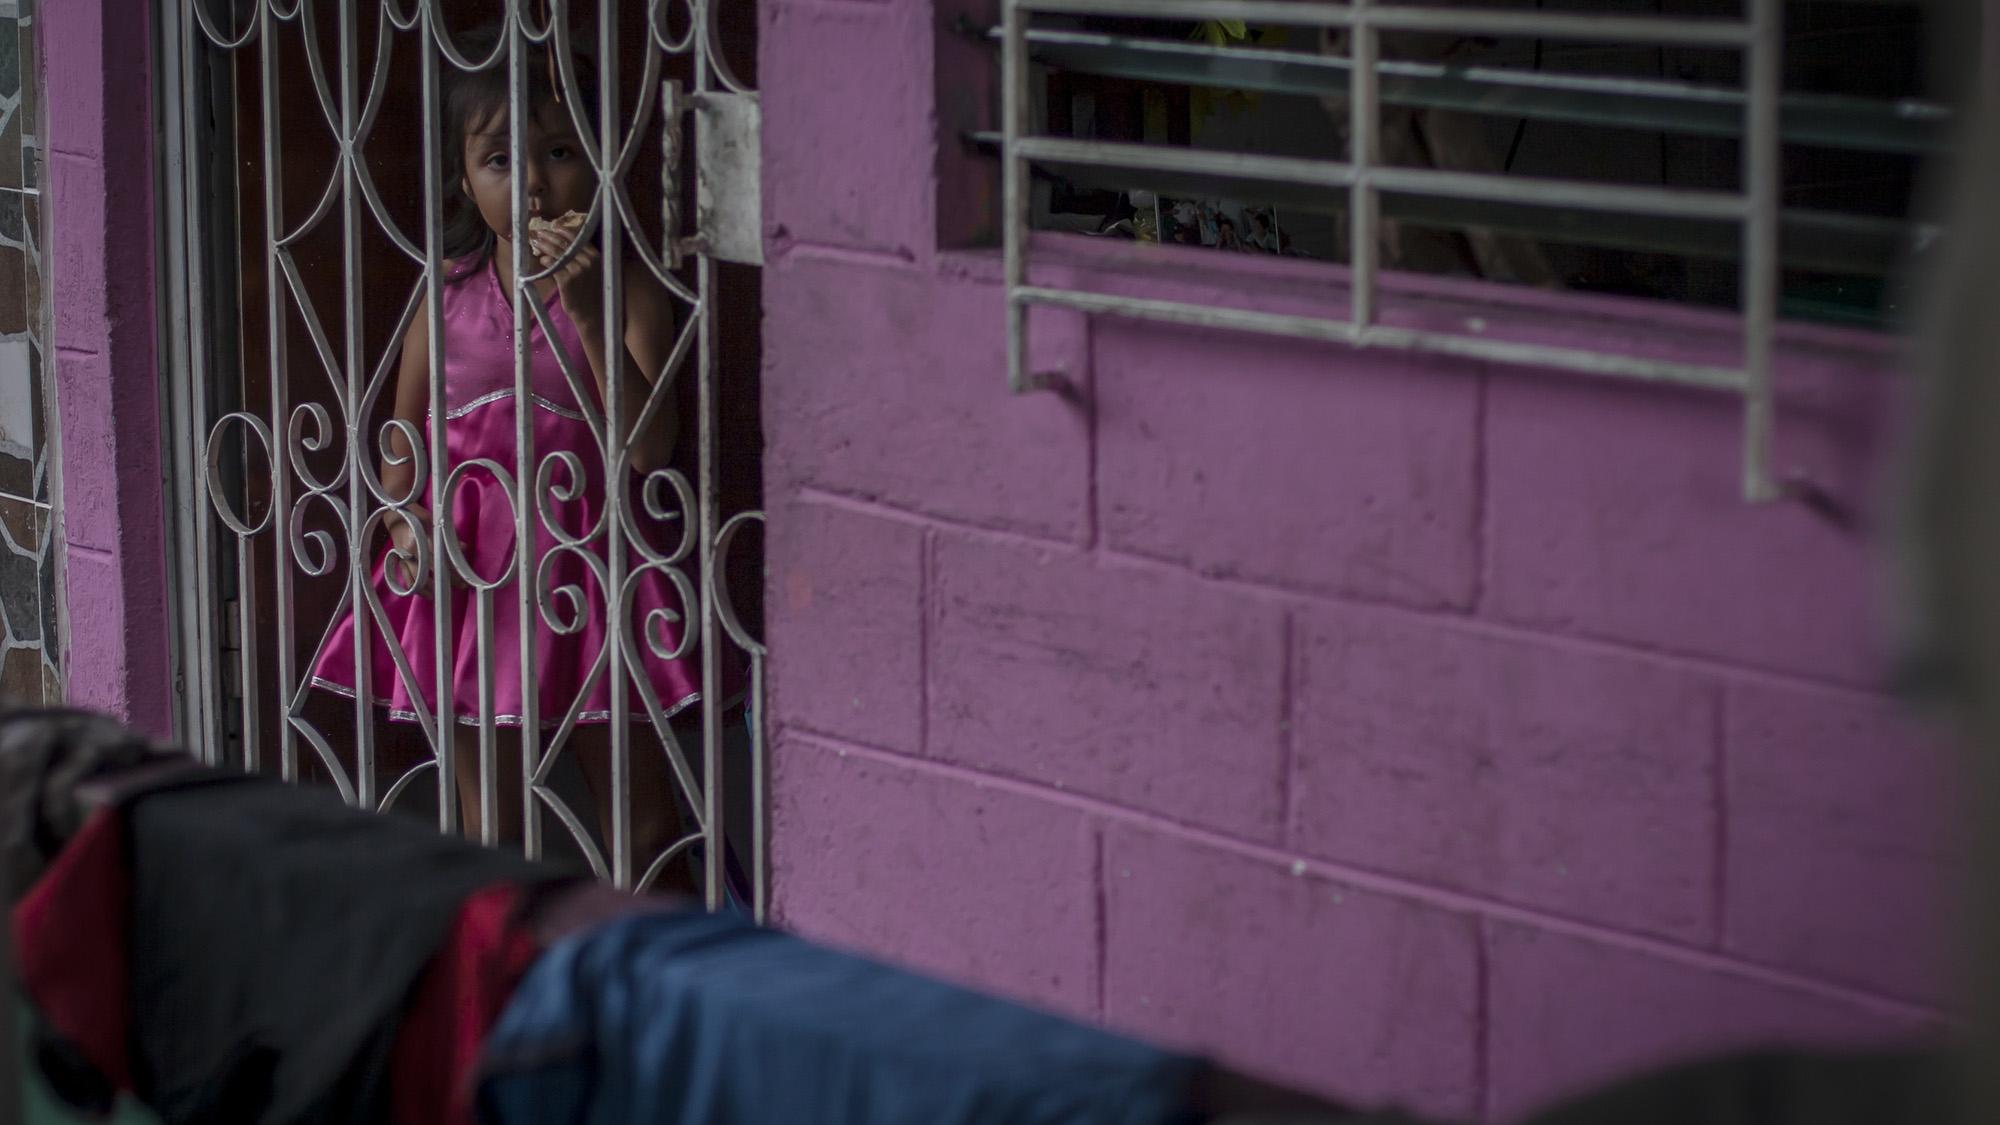 Una sentencia obliga al Estado a reconocer el desplazamiento forzado por violencia